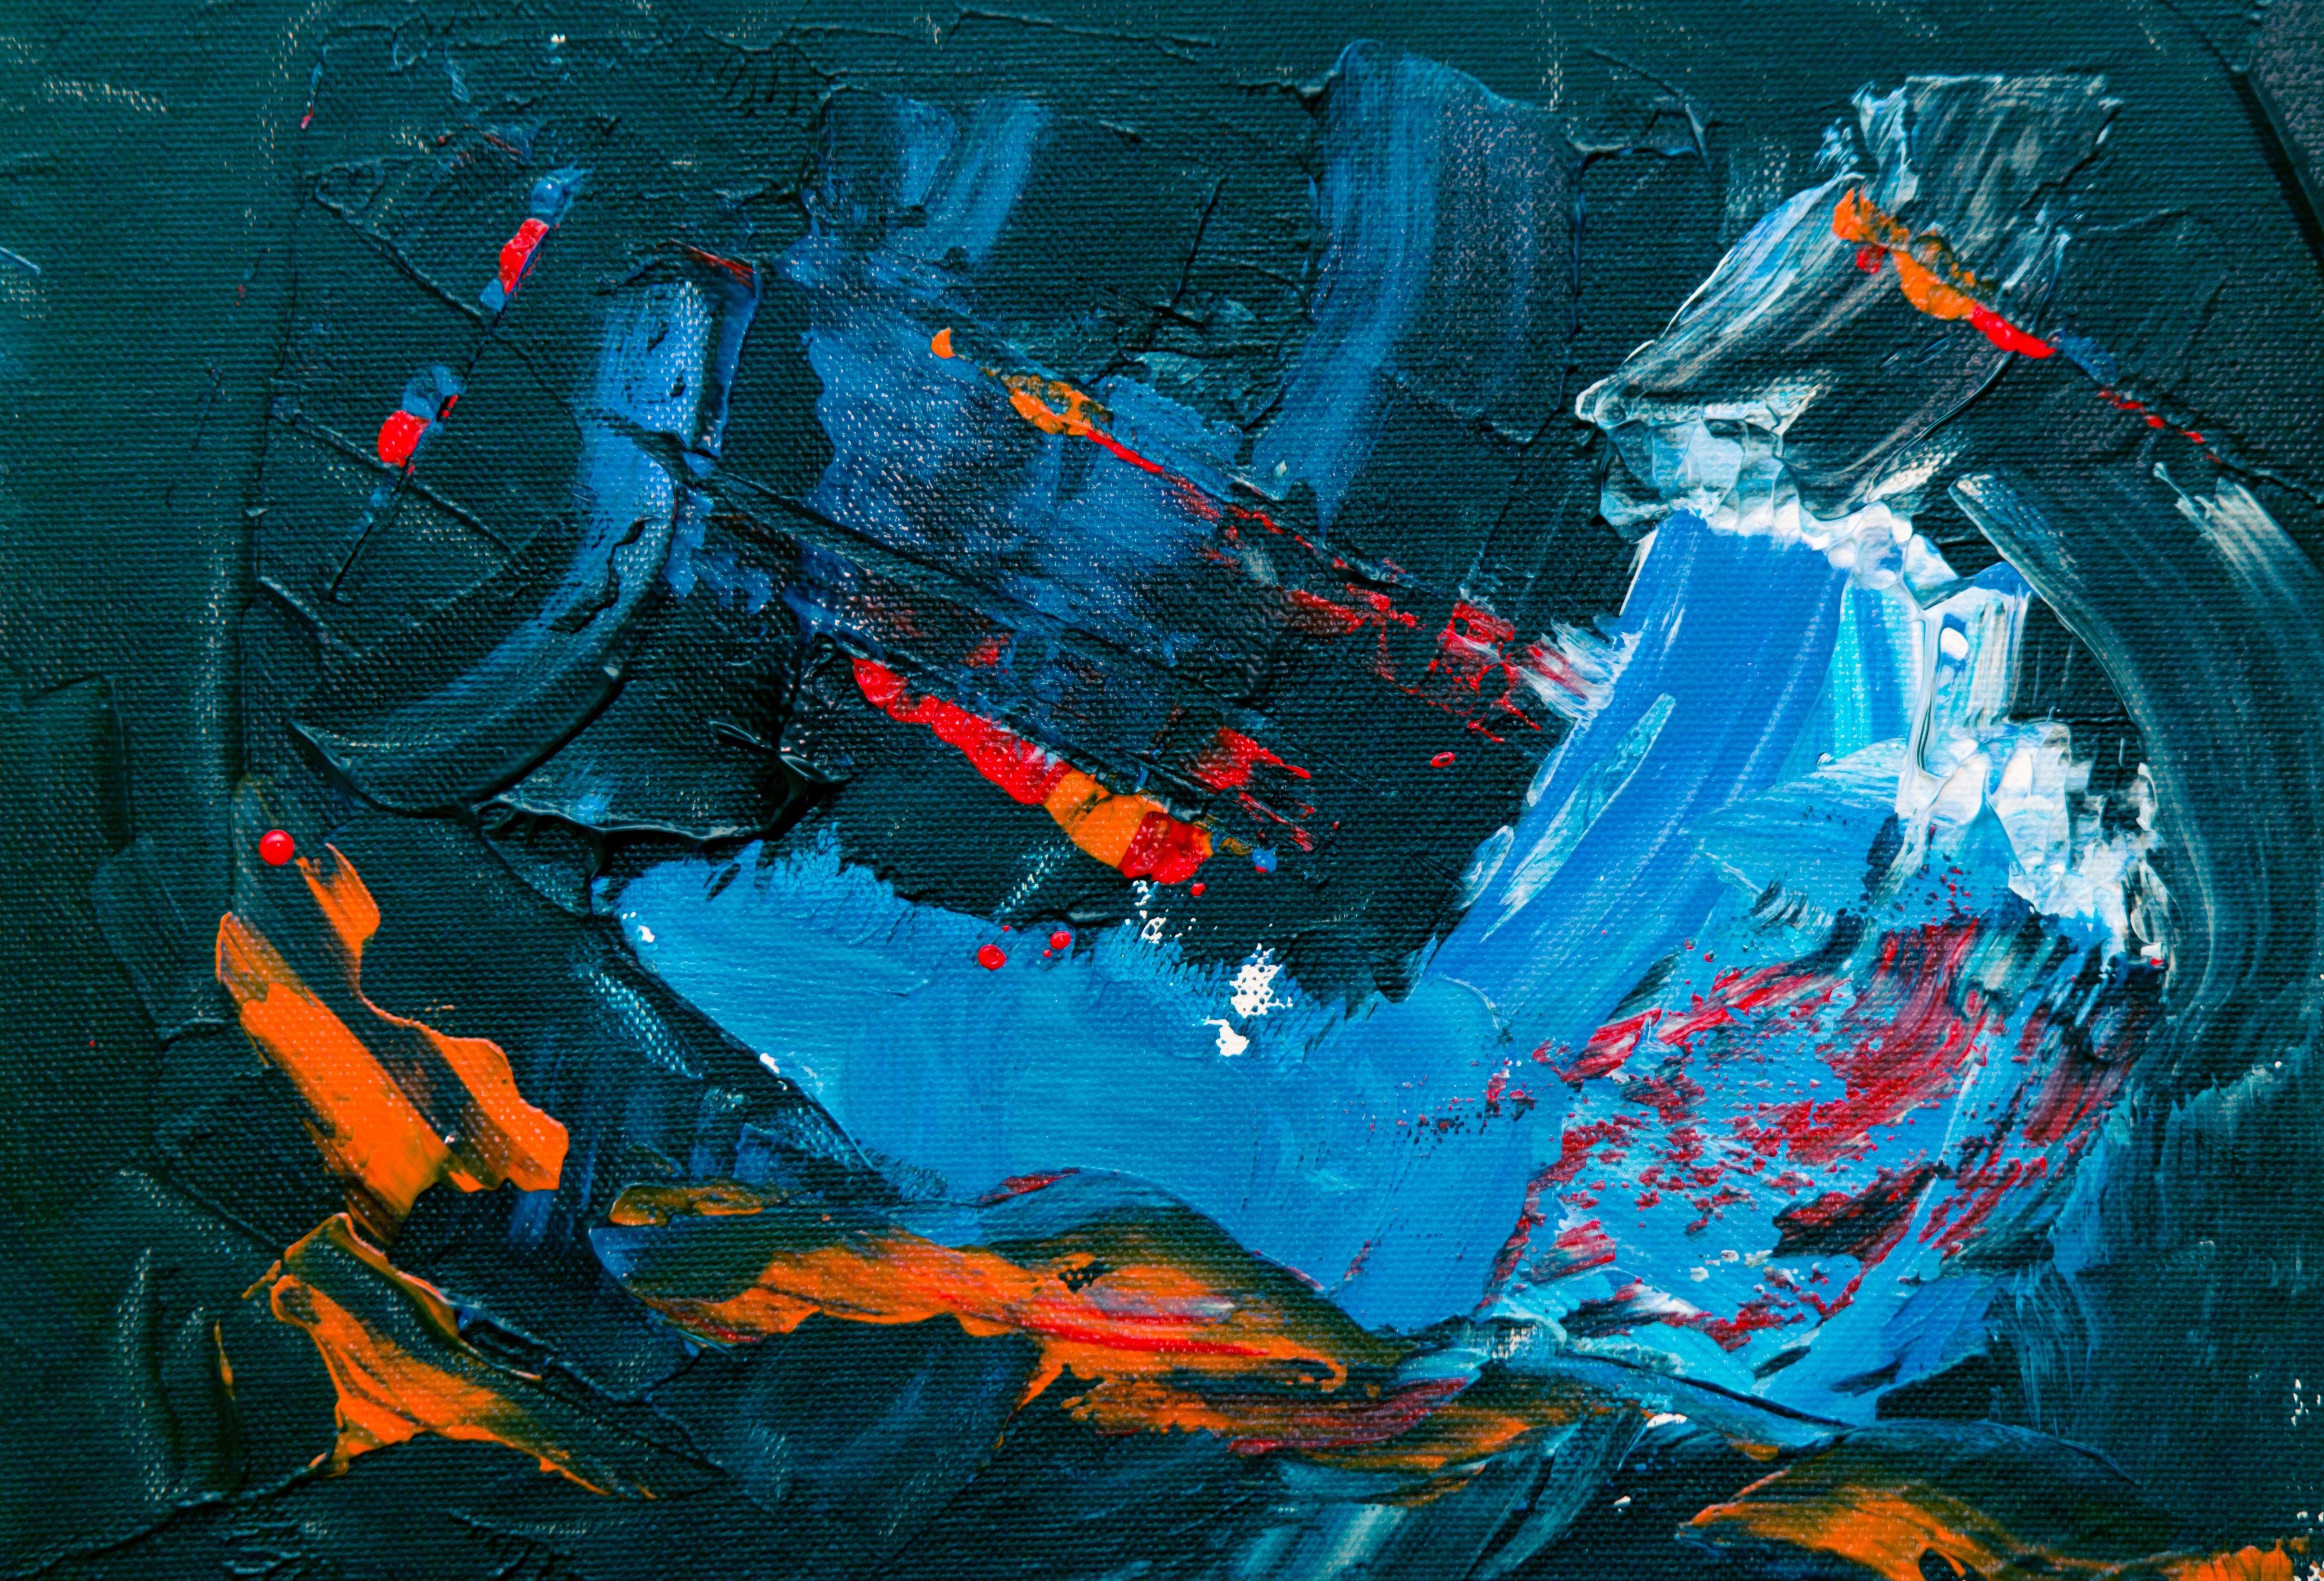 Gambar Abstrak Ekspresionisme Lukisan Abstrak Cat